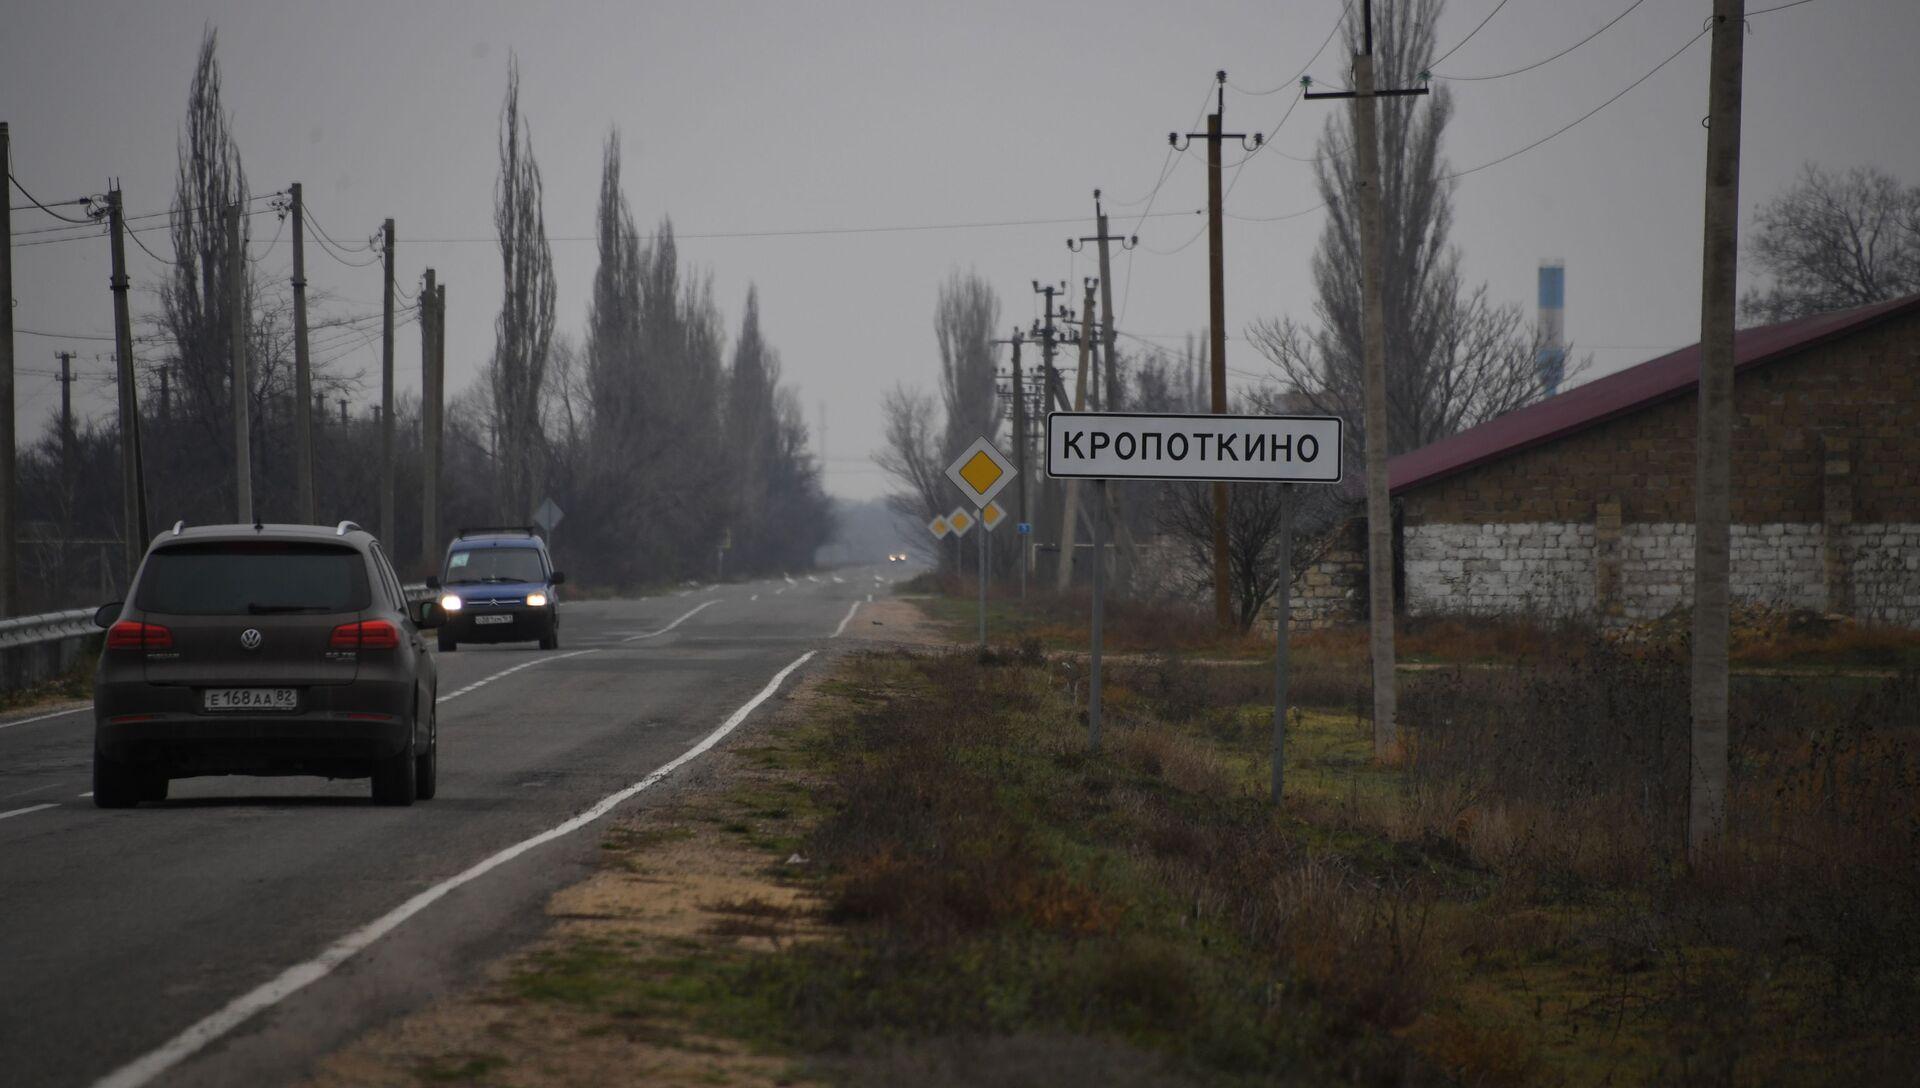 Село Кропоткино Раздольненского района, где была убита пятилетняя Даша Пилипенко - РИА Новости, 1920, 22.11.2019